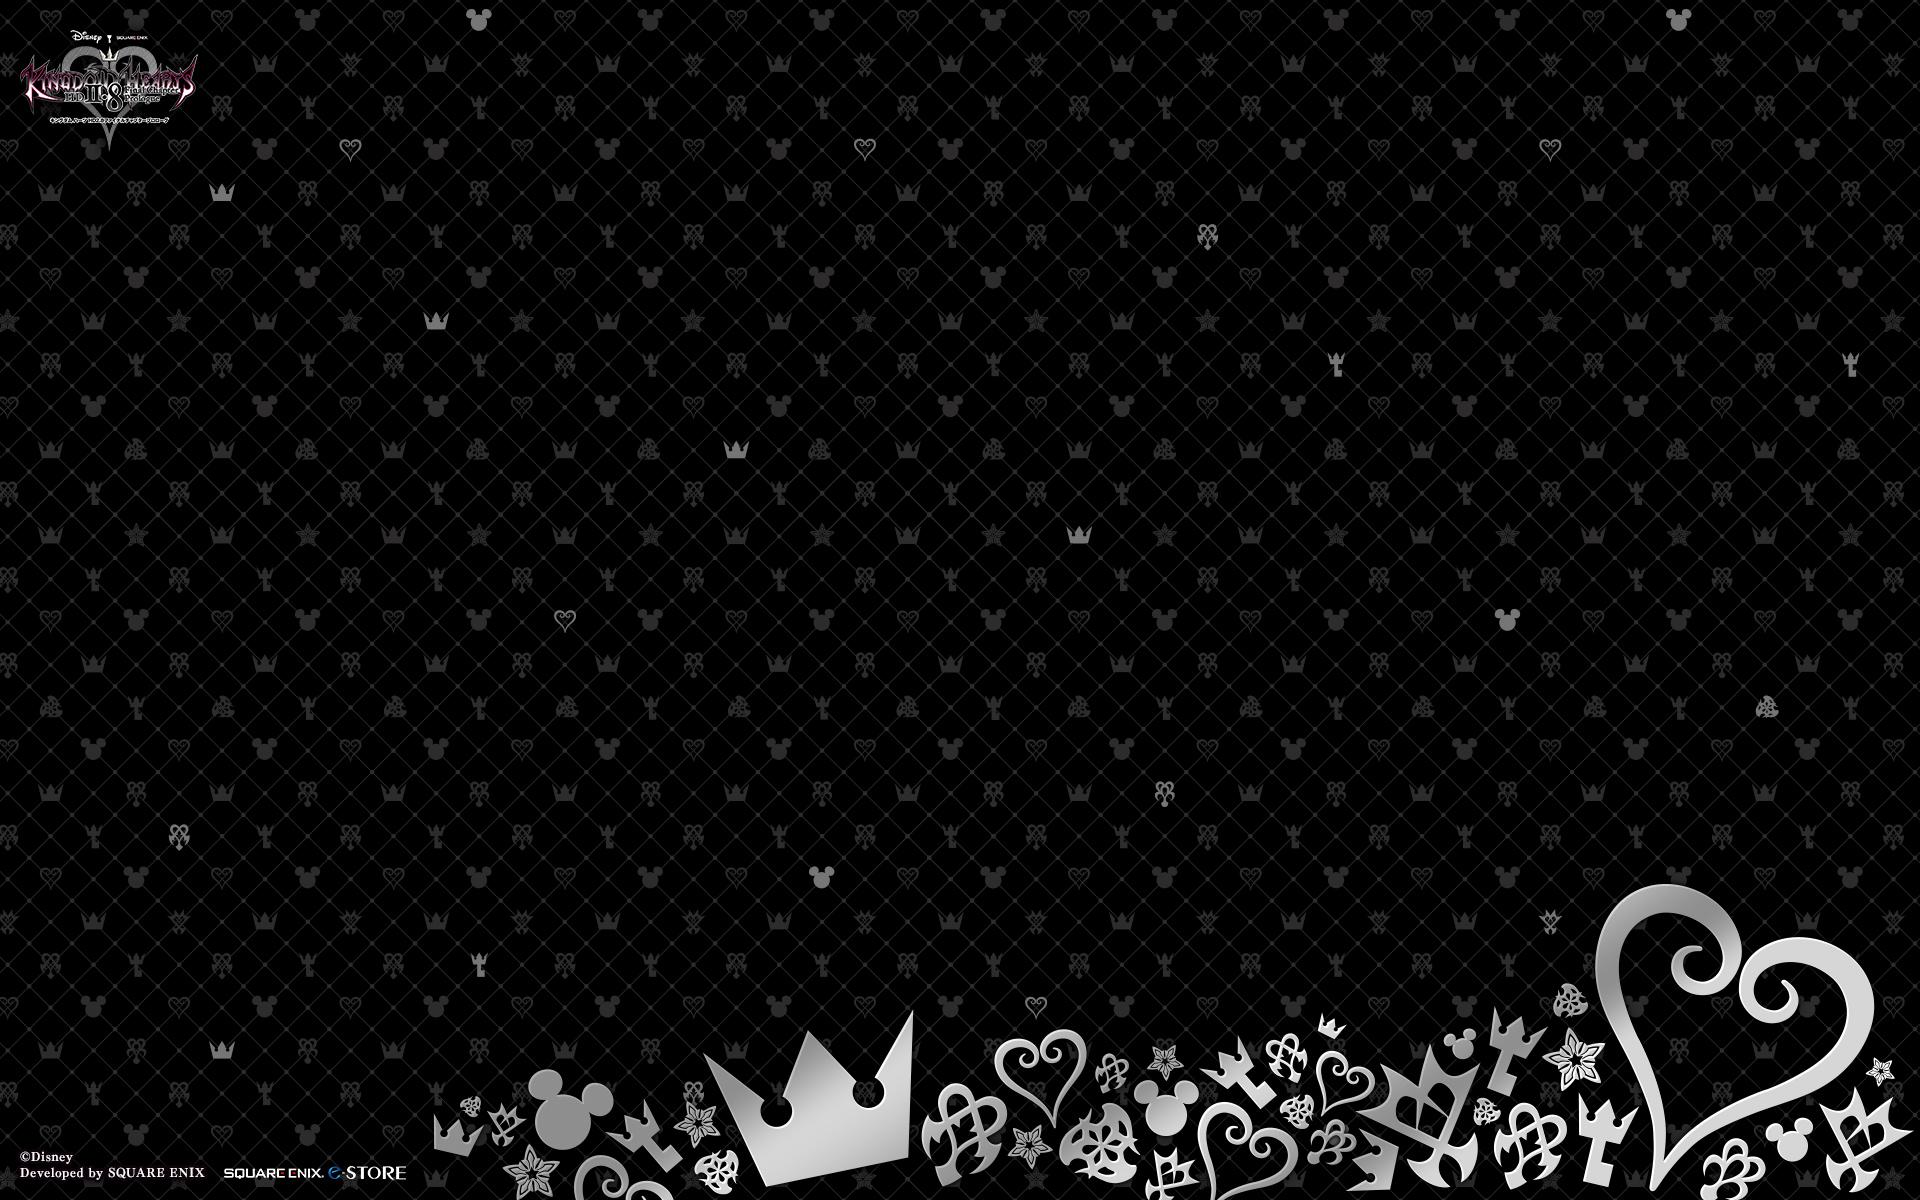 Wallpaper di Kingdom Hearts II.8 per PC e smartphone!